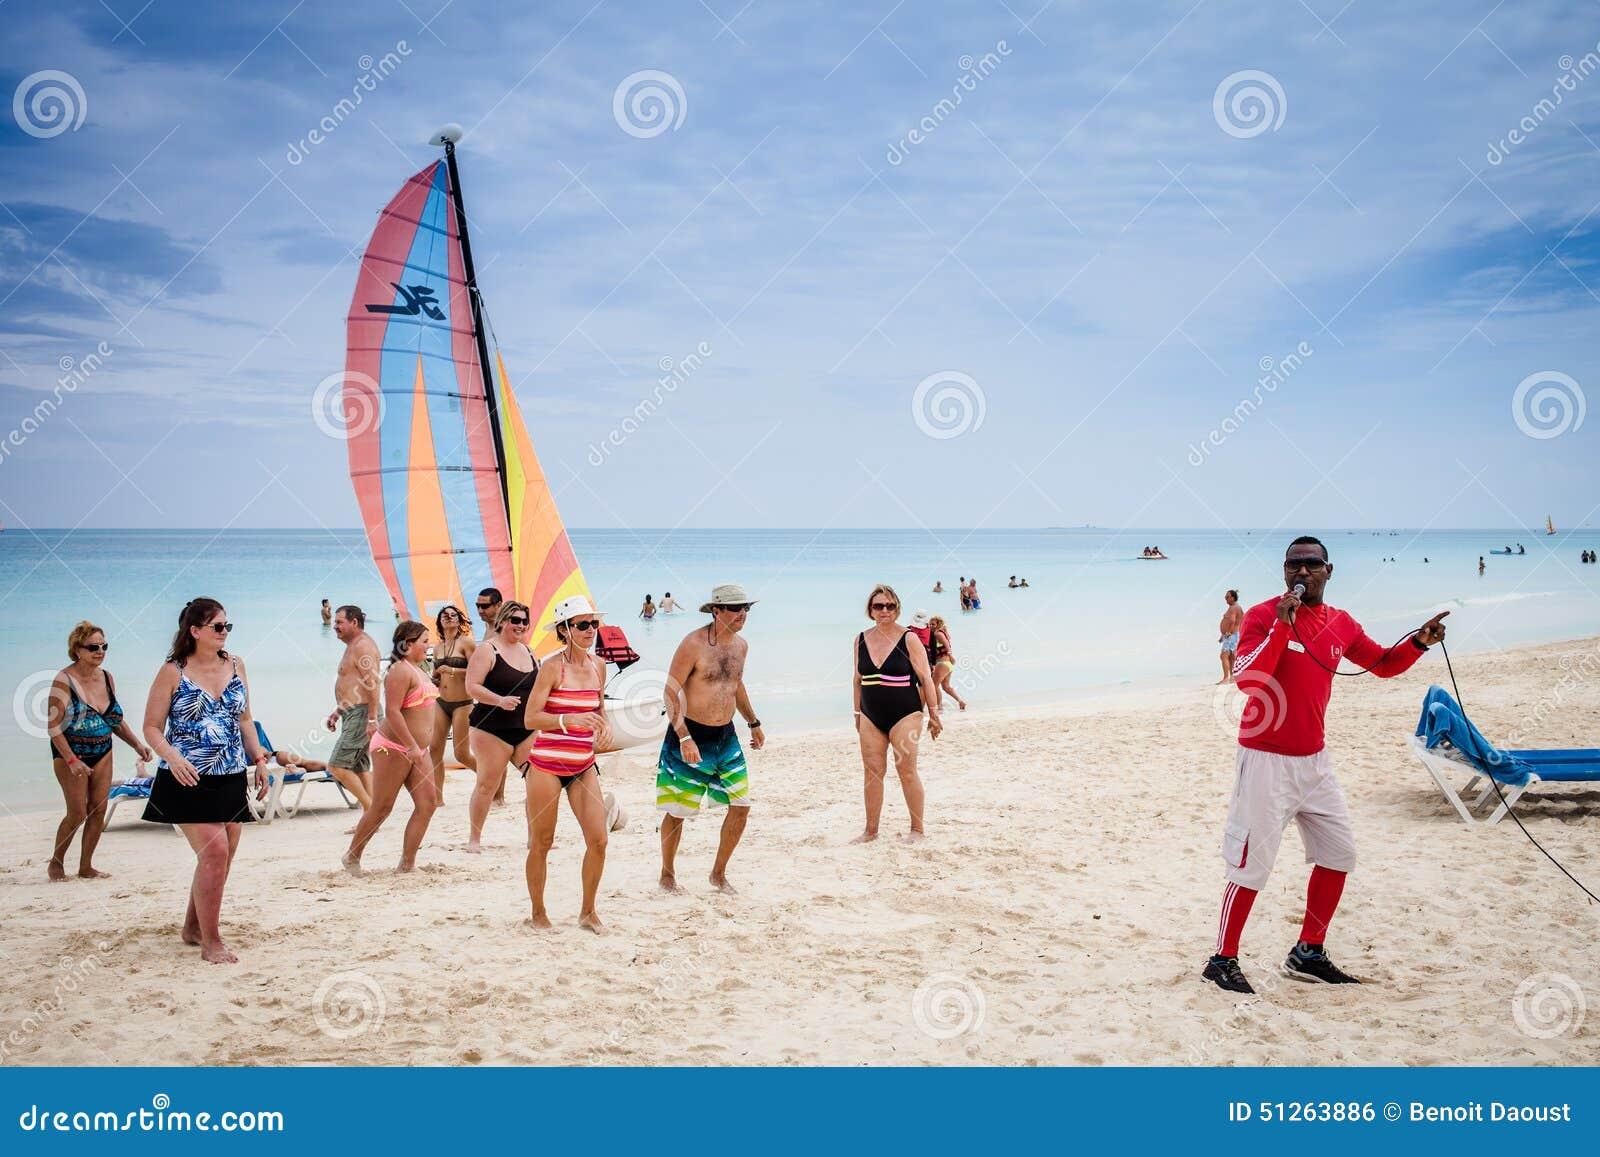 Plage du Cuba avec beaucoup de touristes canadiens